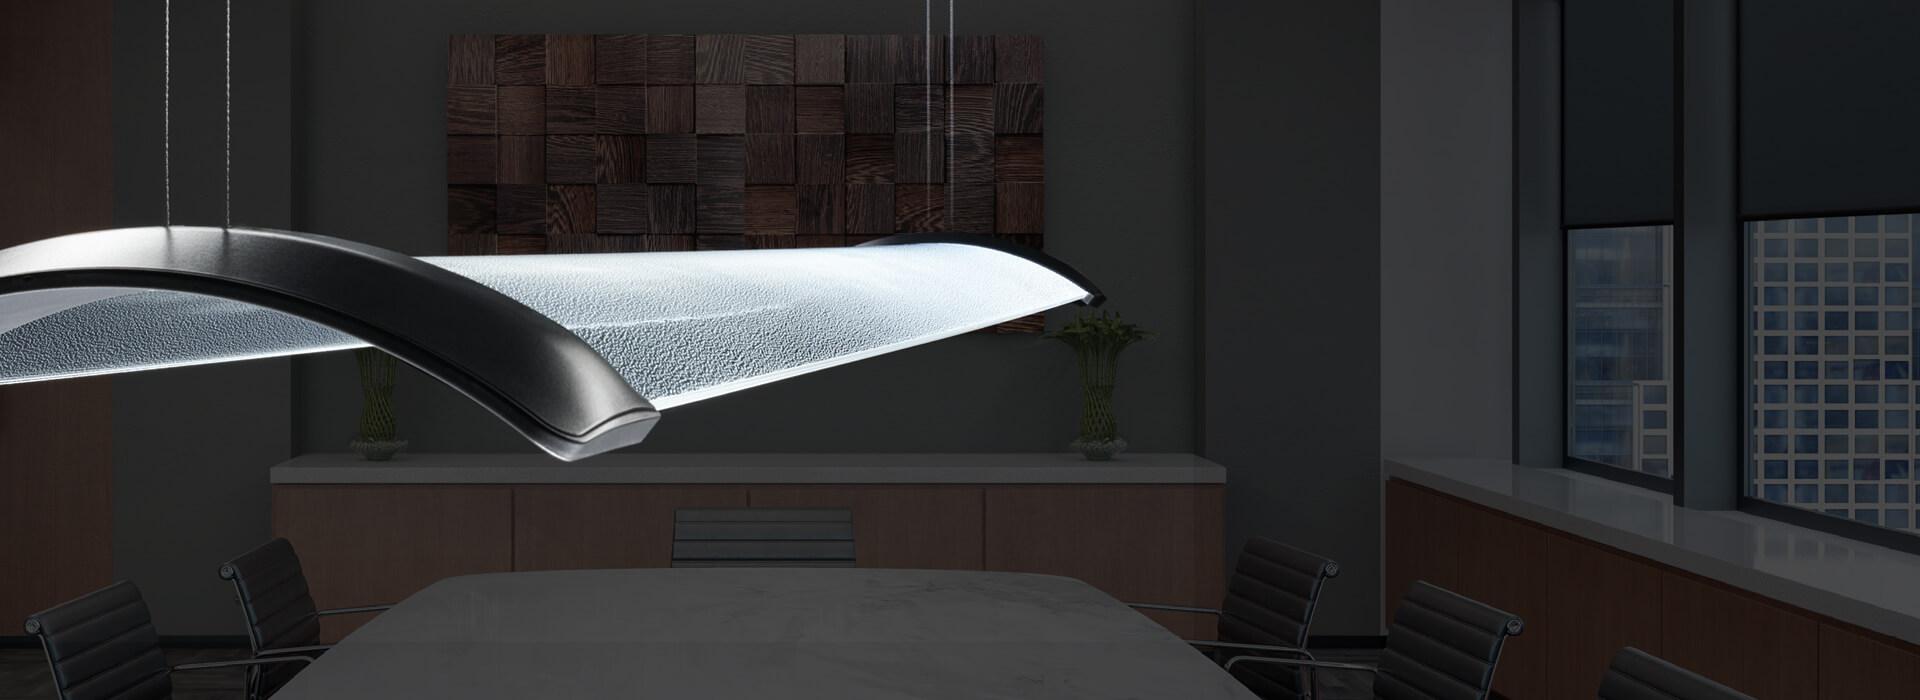 Concepts d'éclairage<br/> en harmonie<br/> avec l'architecture